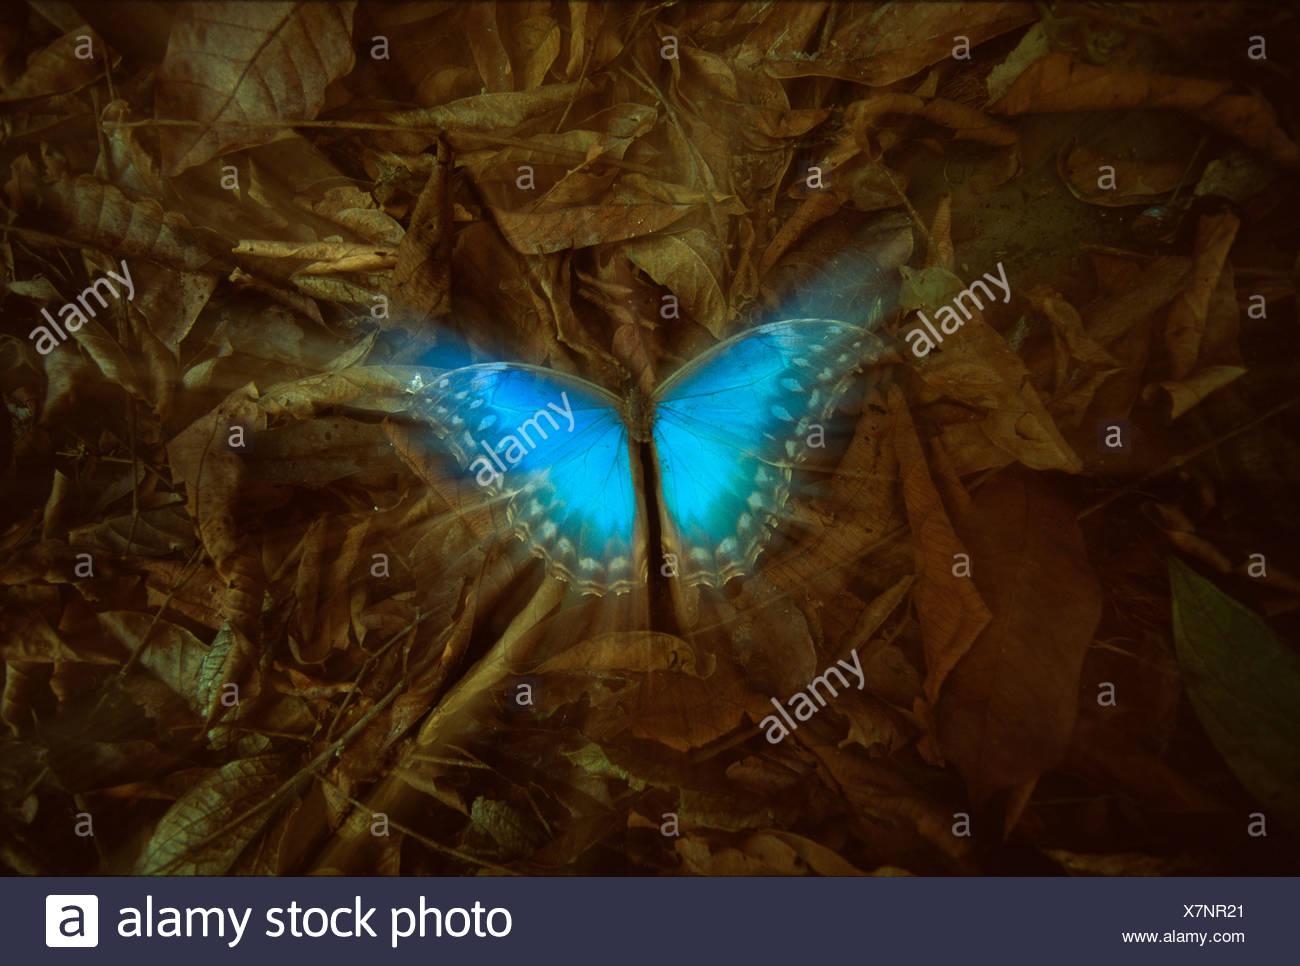 Un morto Morpho blu butterfly si trova amonst le foglie marrone sul suolo della foresta, Parco Nazionale di Corcovado, Costa Rica (Morpho peleides) Immagini Stock